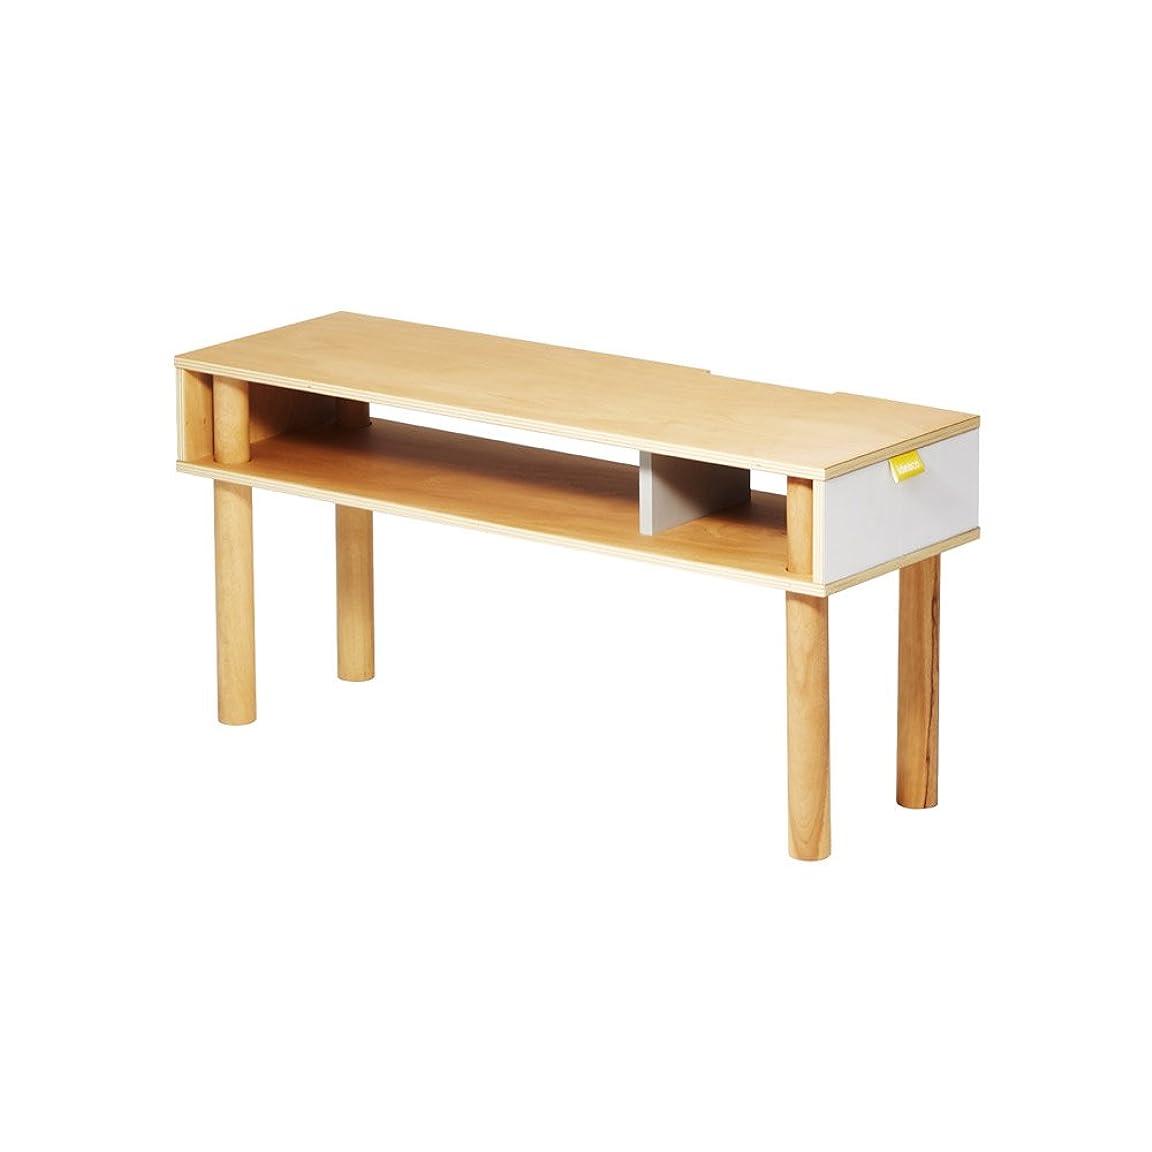 十二アンソロジー船形ideaco (イデアコ) テレビ台 ホワイト 幅79×奥行き26×高さ38cm Plywood Series(プライウッドシリーズ)